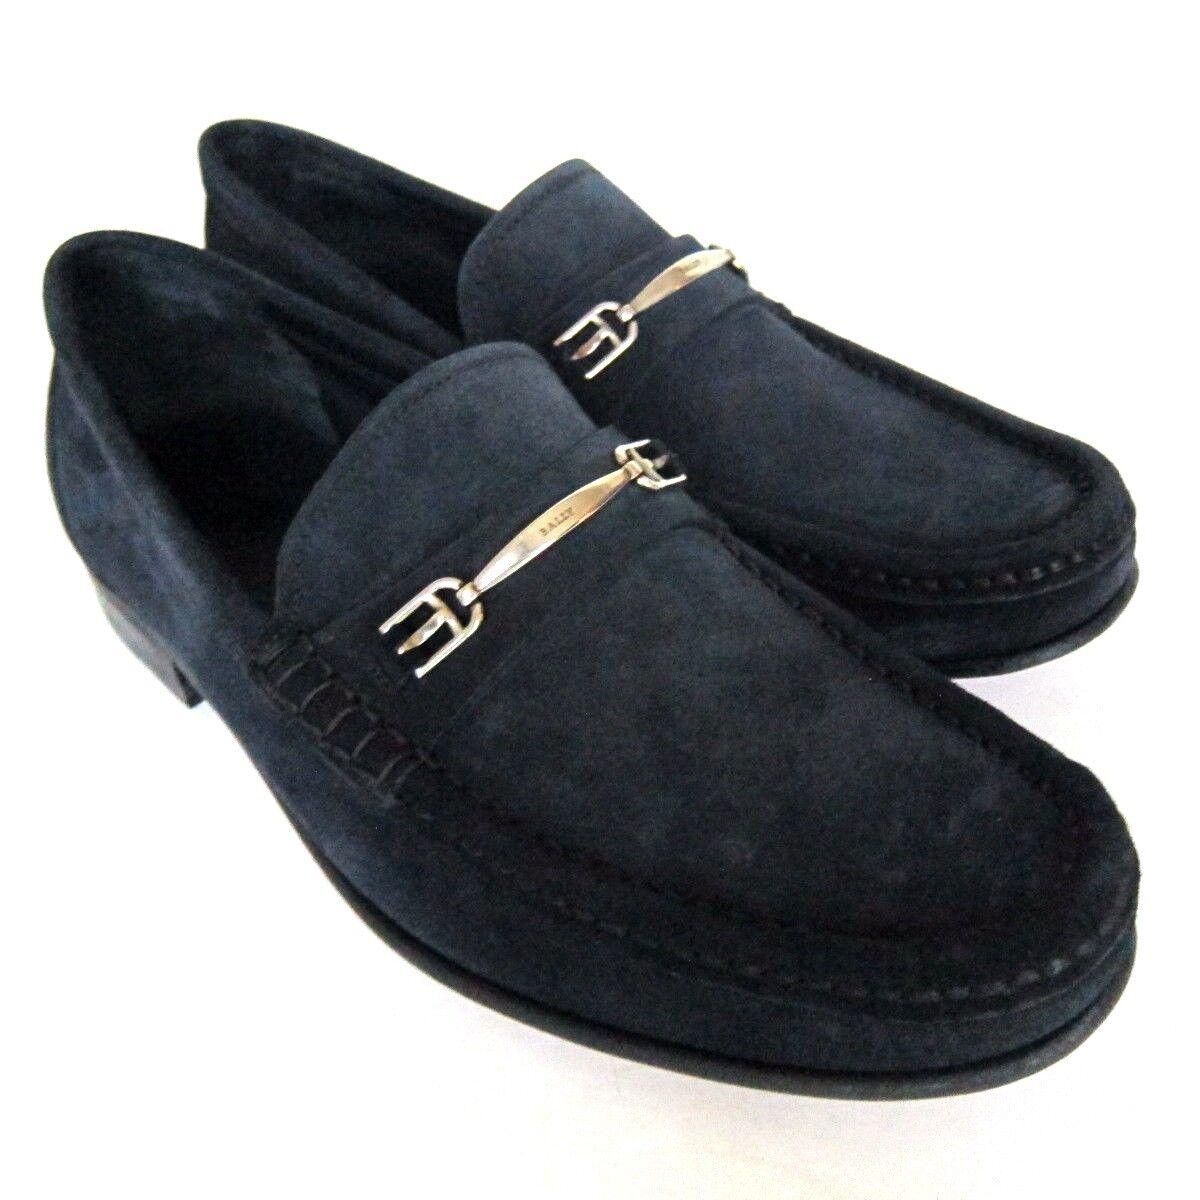 S-1928111 Nuevo Bally Lopin ante Azul Zapatos Mocasines Talla Eu 8D Marcado 7E